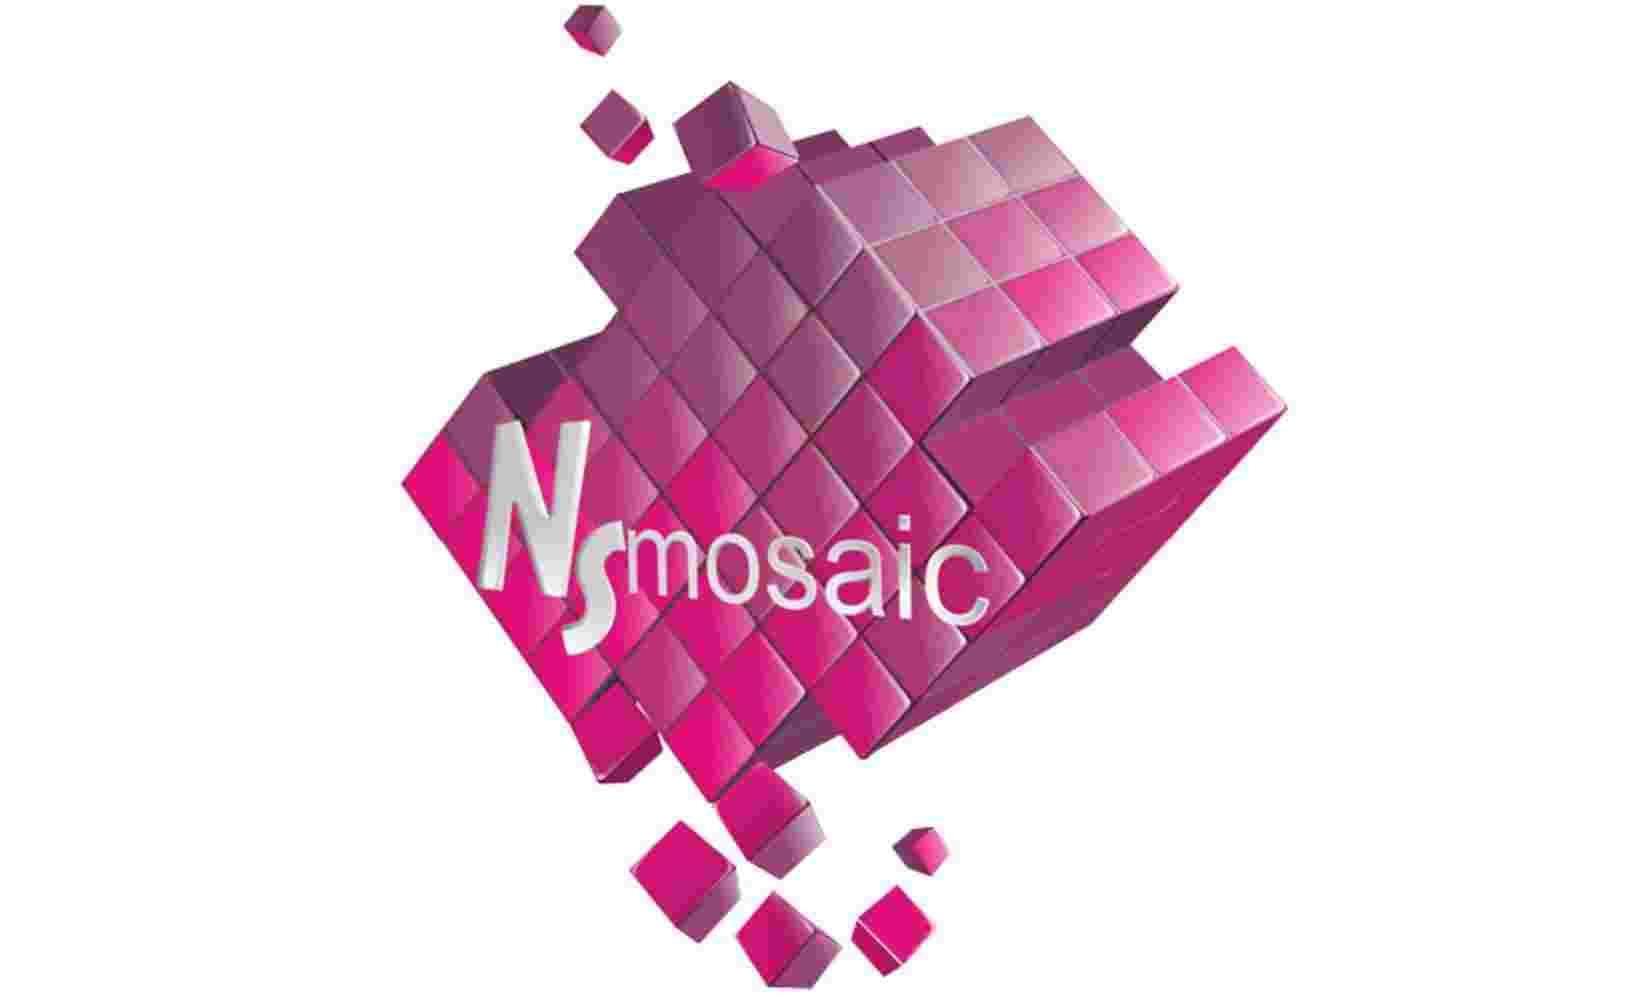 NS Mosaic